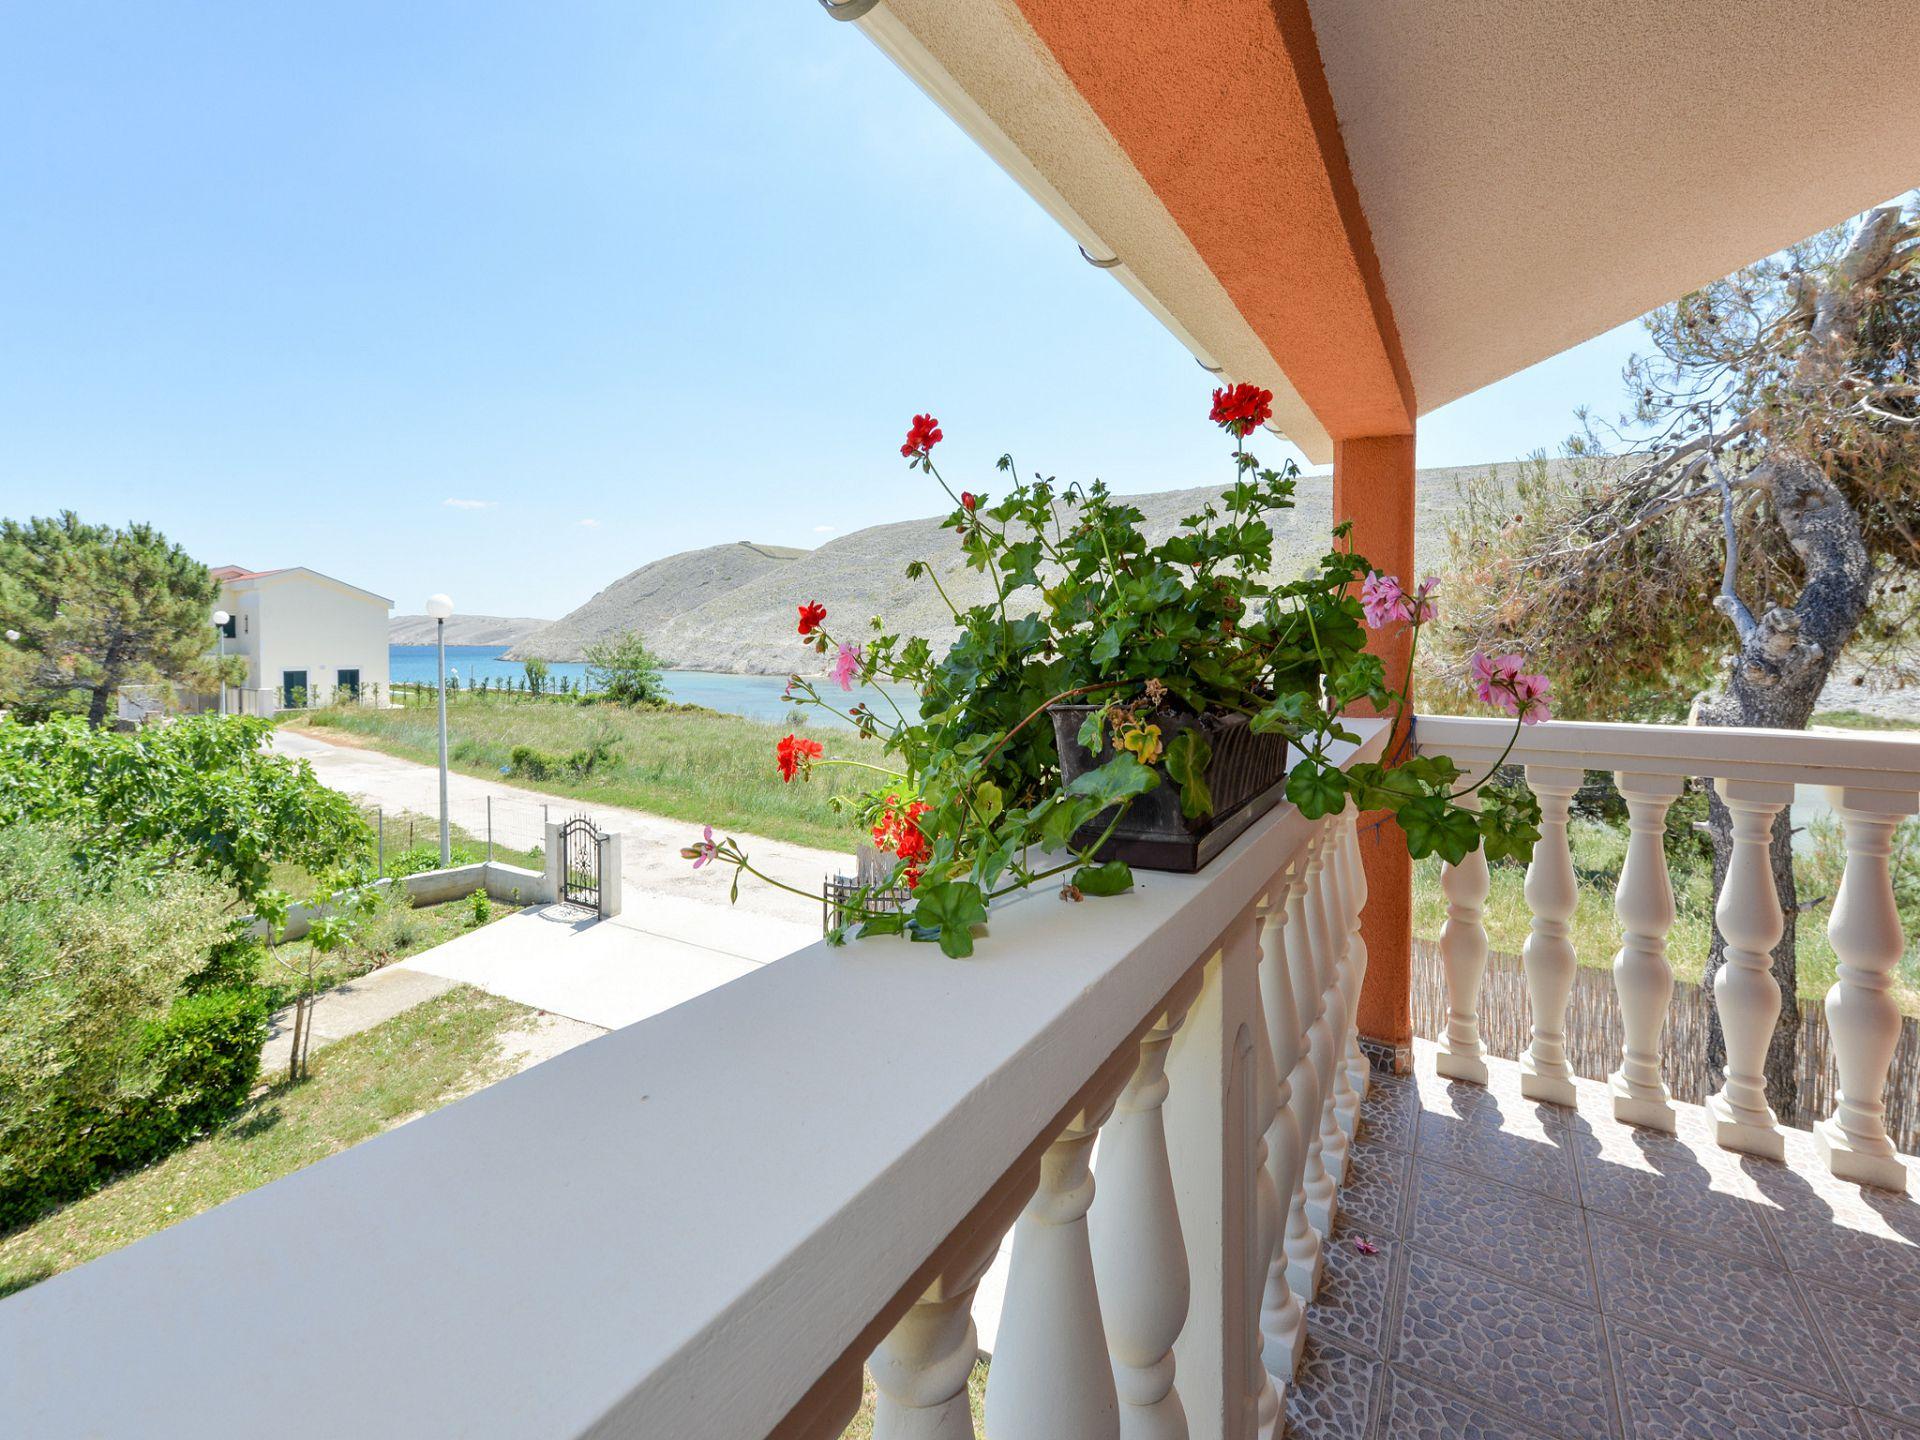 5727 - Vlasici - Maisons de repos, villas Croatie